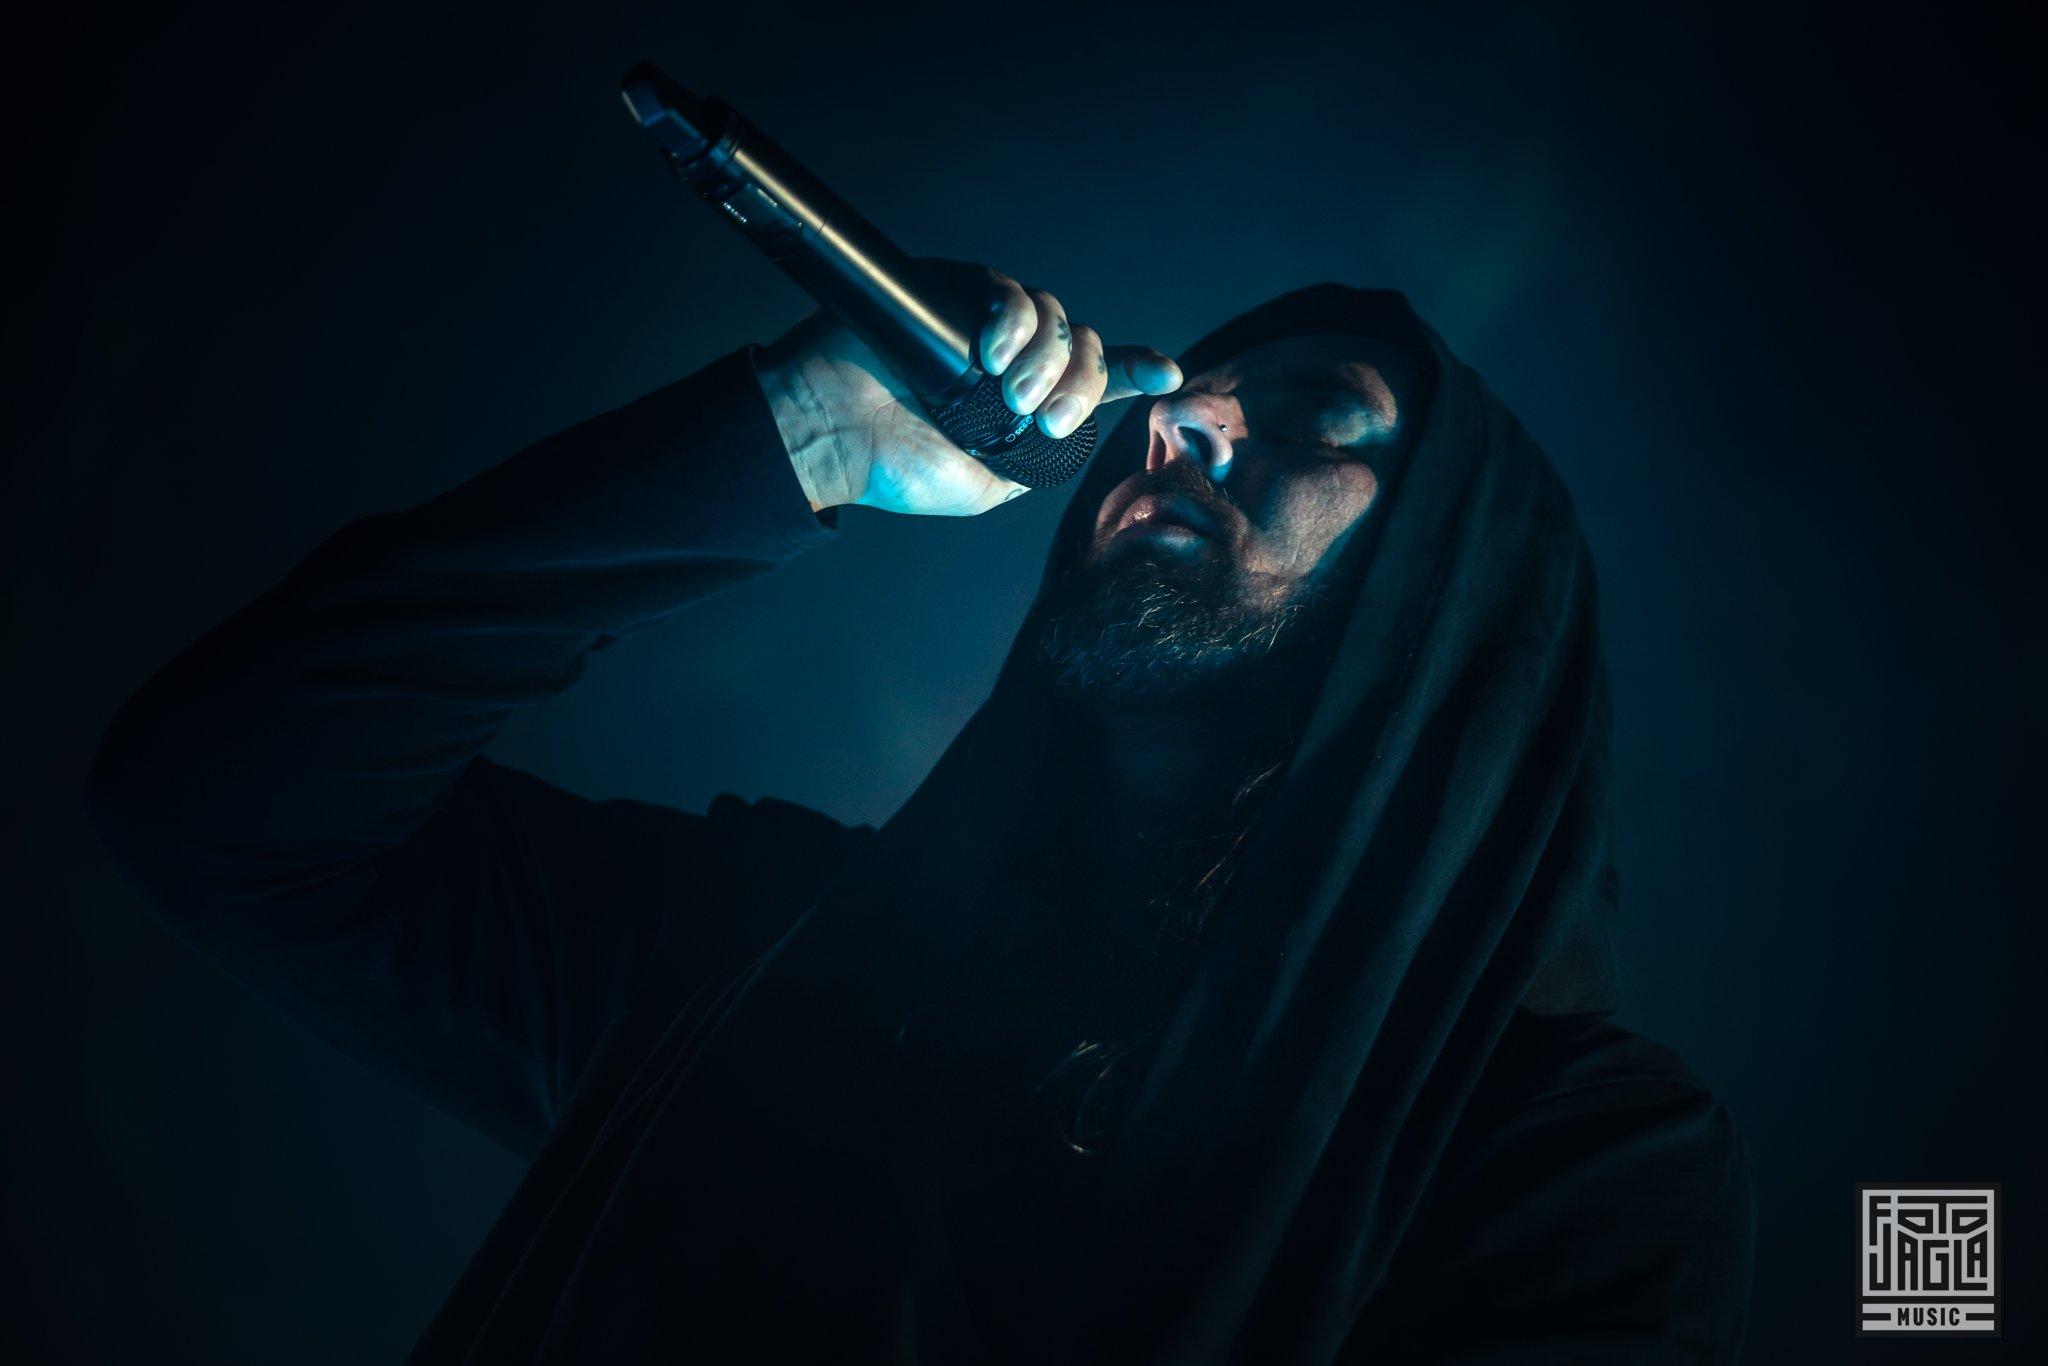 Thy Art Is Murder als Support-Act auf der Parkway Drive Reverence Tour 2019 in Köln (Palladium)